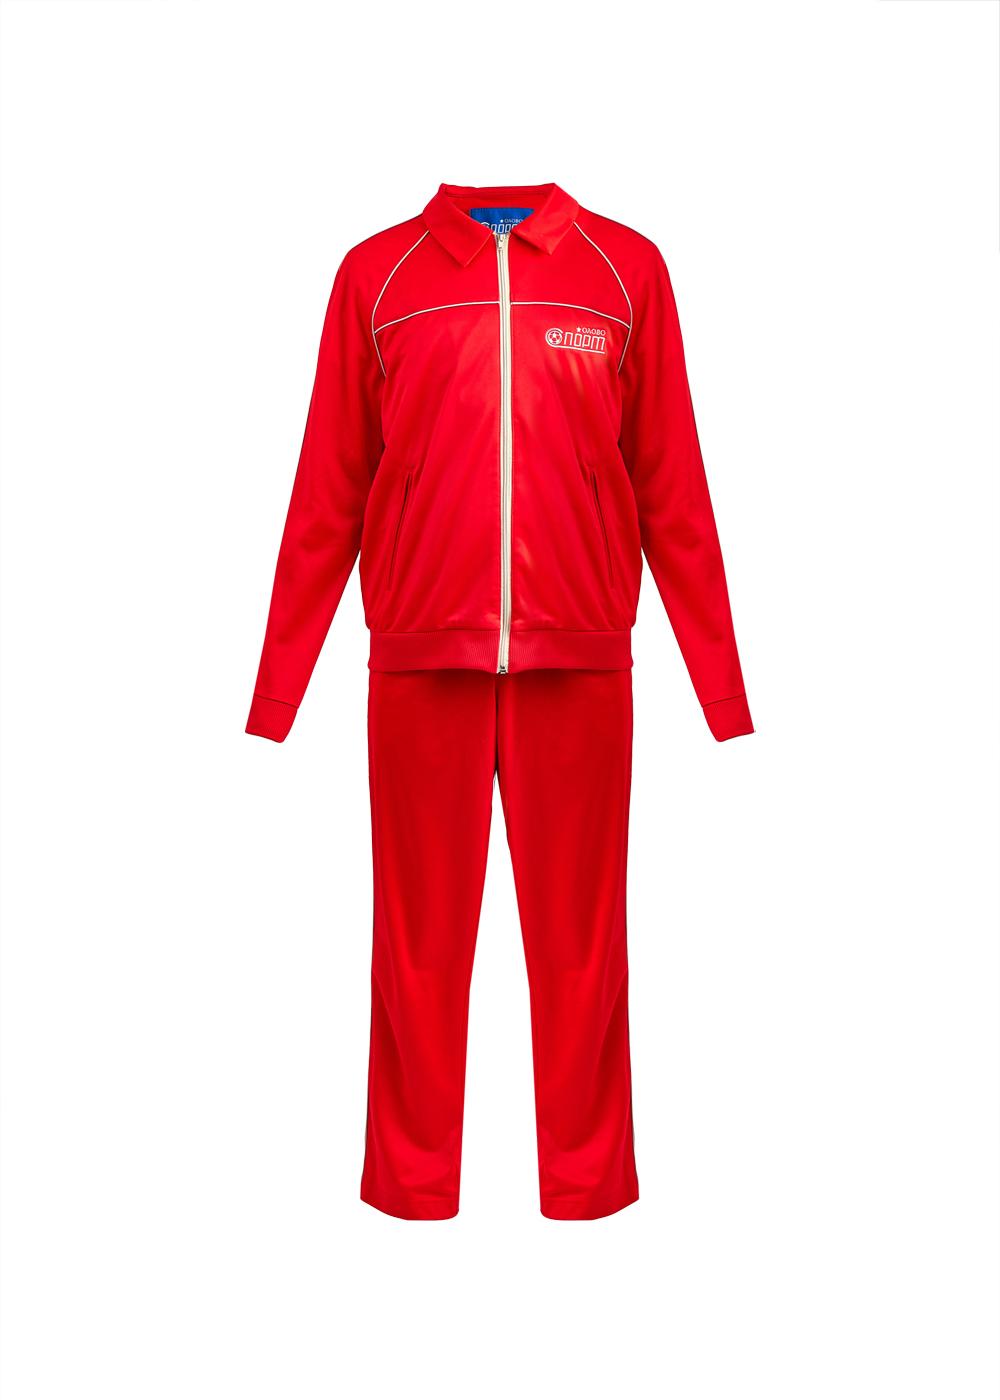 Купить OLOVO спортивный костюм